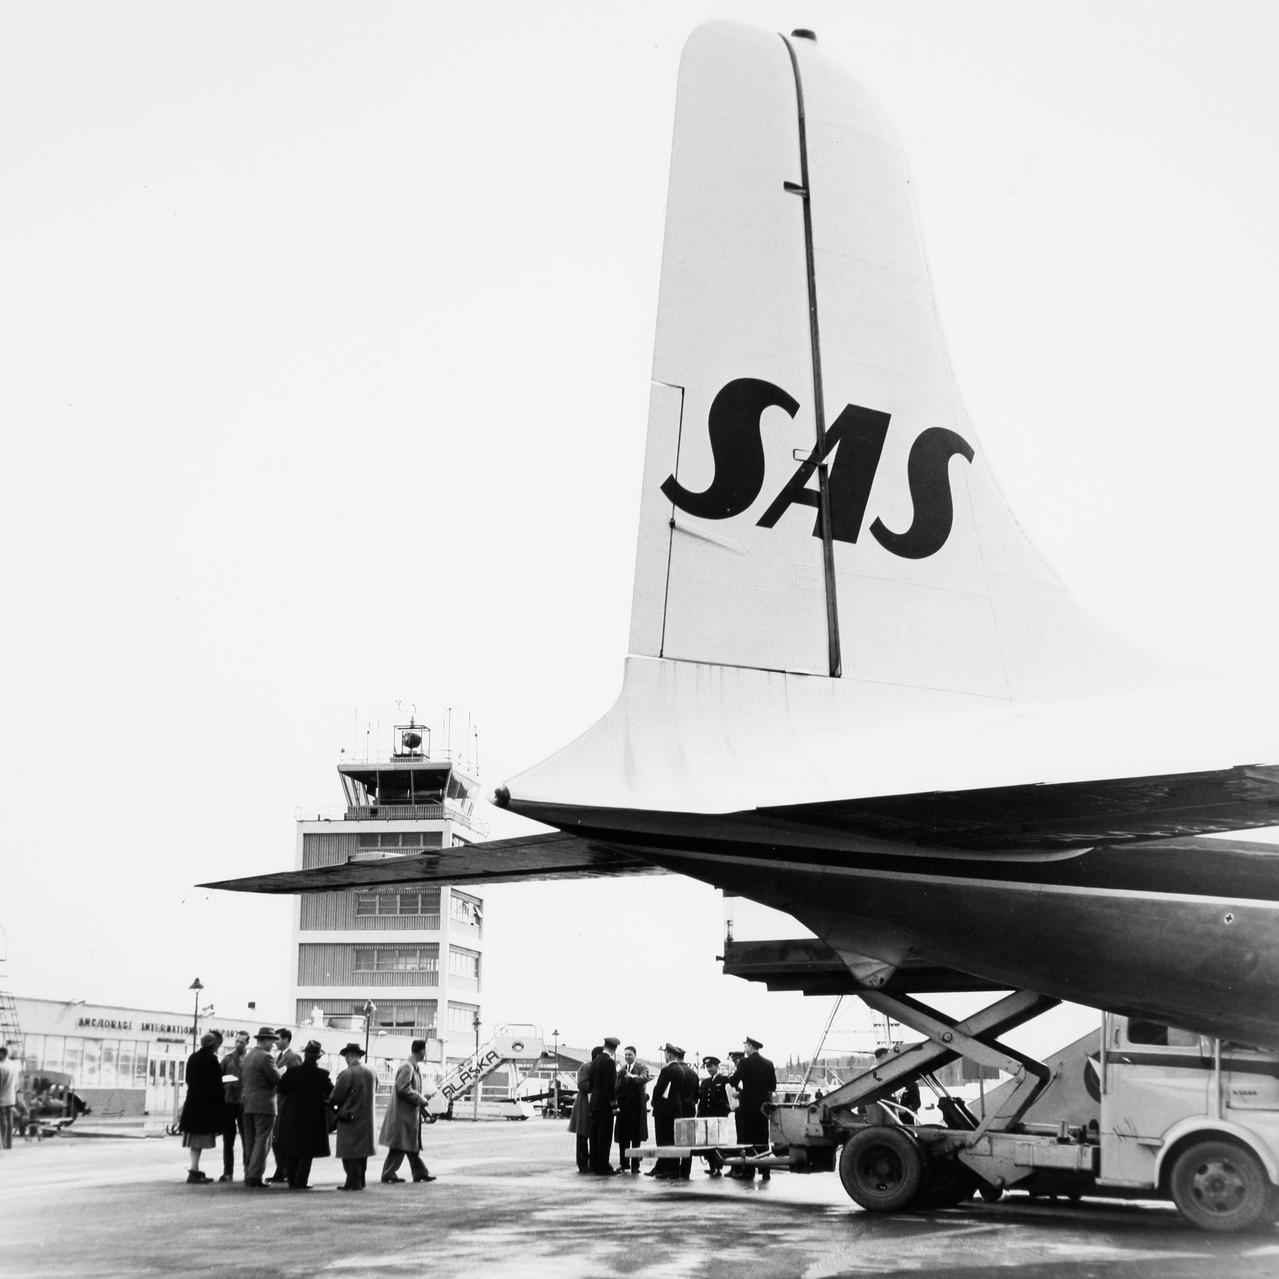 002_1957_image-SAS